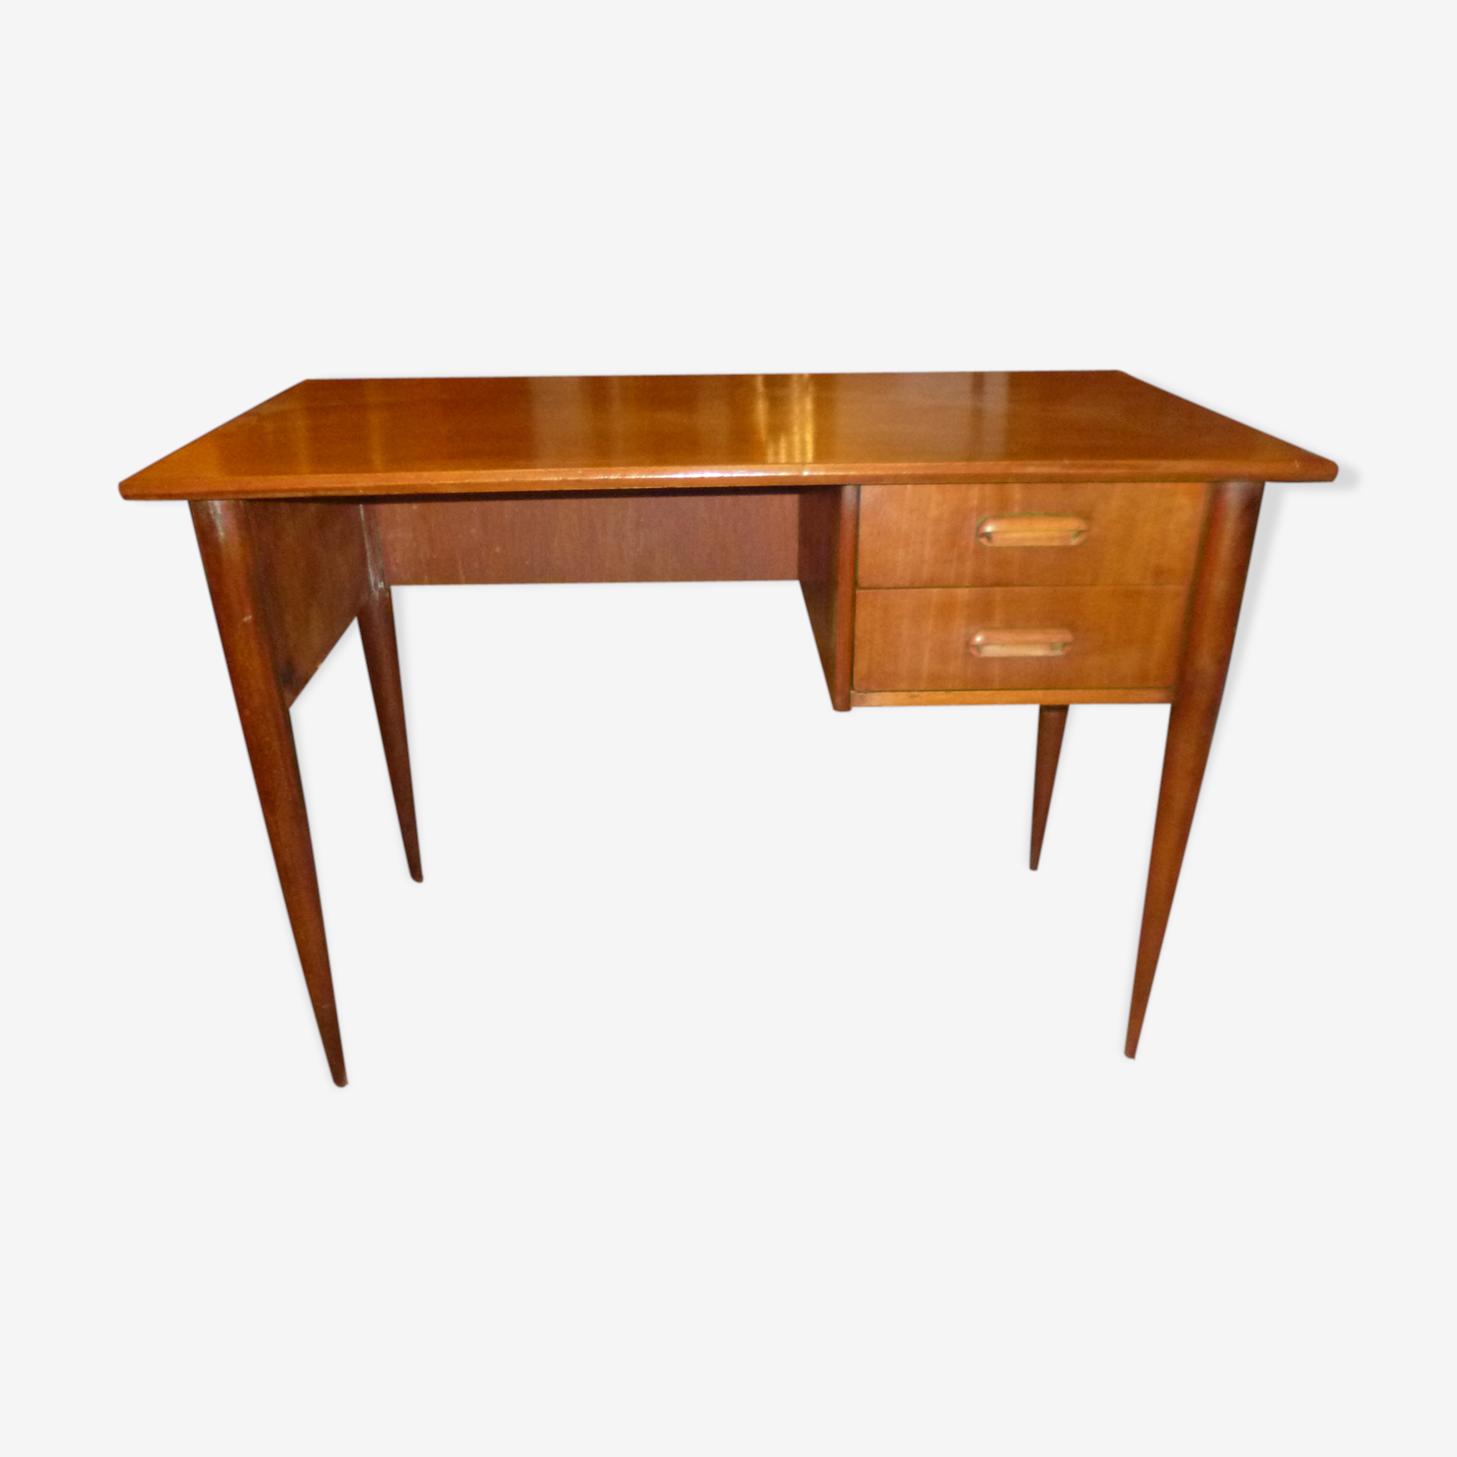 Scandinavian style flat desk